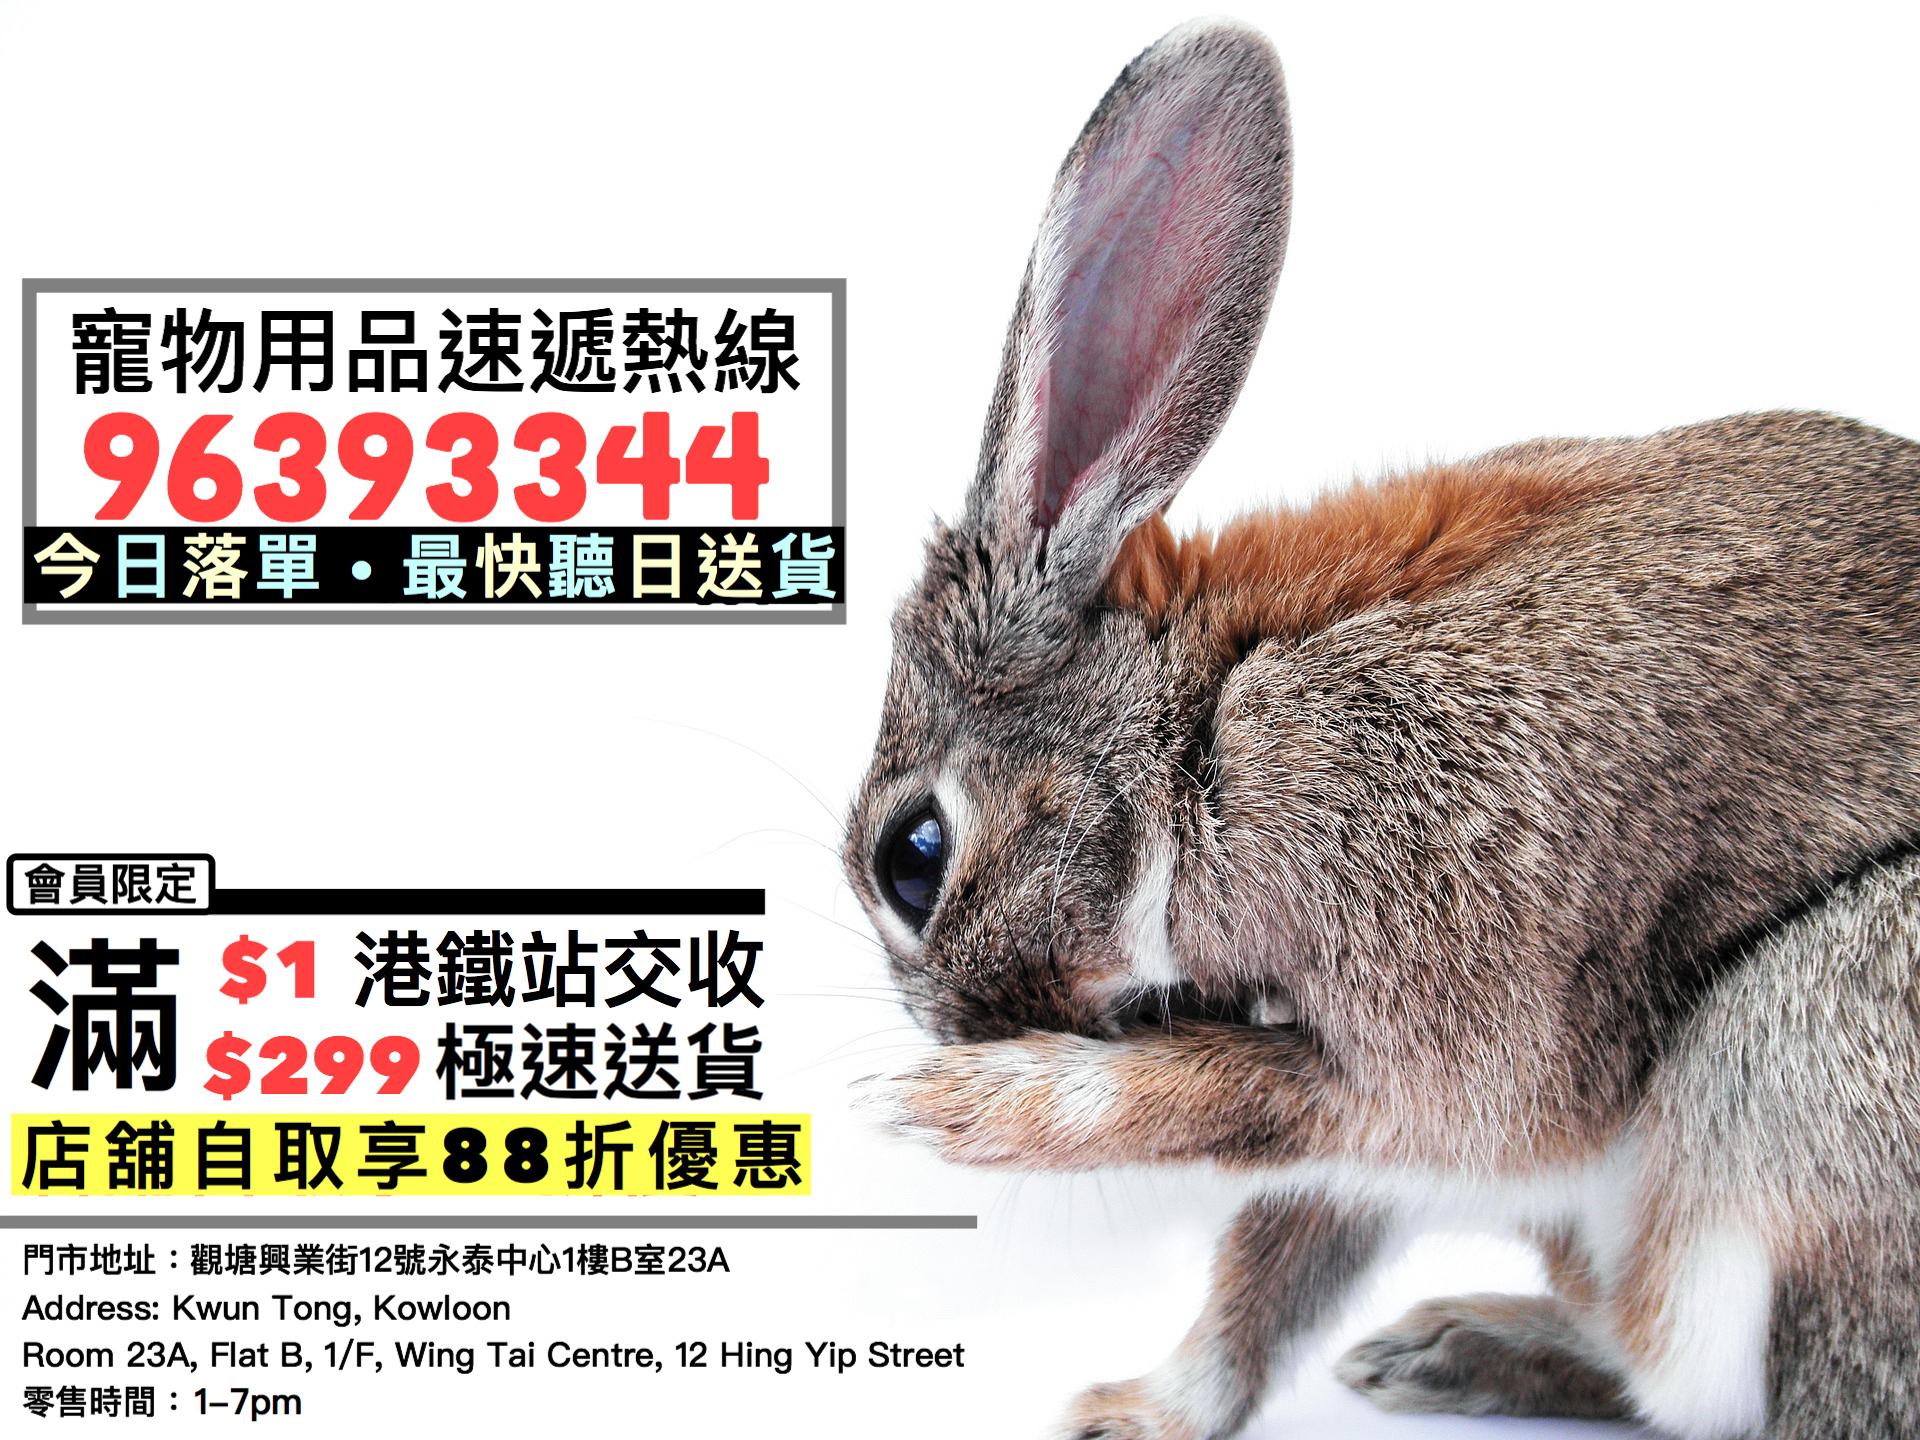 寵物寄養,寵物店,寵物用品,寵物用品店,兔仔用品,兔子,倉鼠,天竺鼠,龍貓,熊仔鼠,rabbit,chinchilla,guineapig,hamster,兔協,Iloverabbit,timothyhay,oxbow,momi